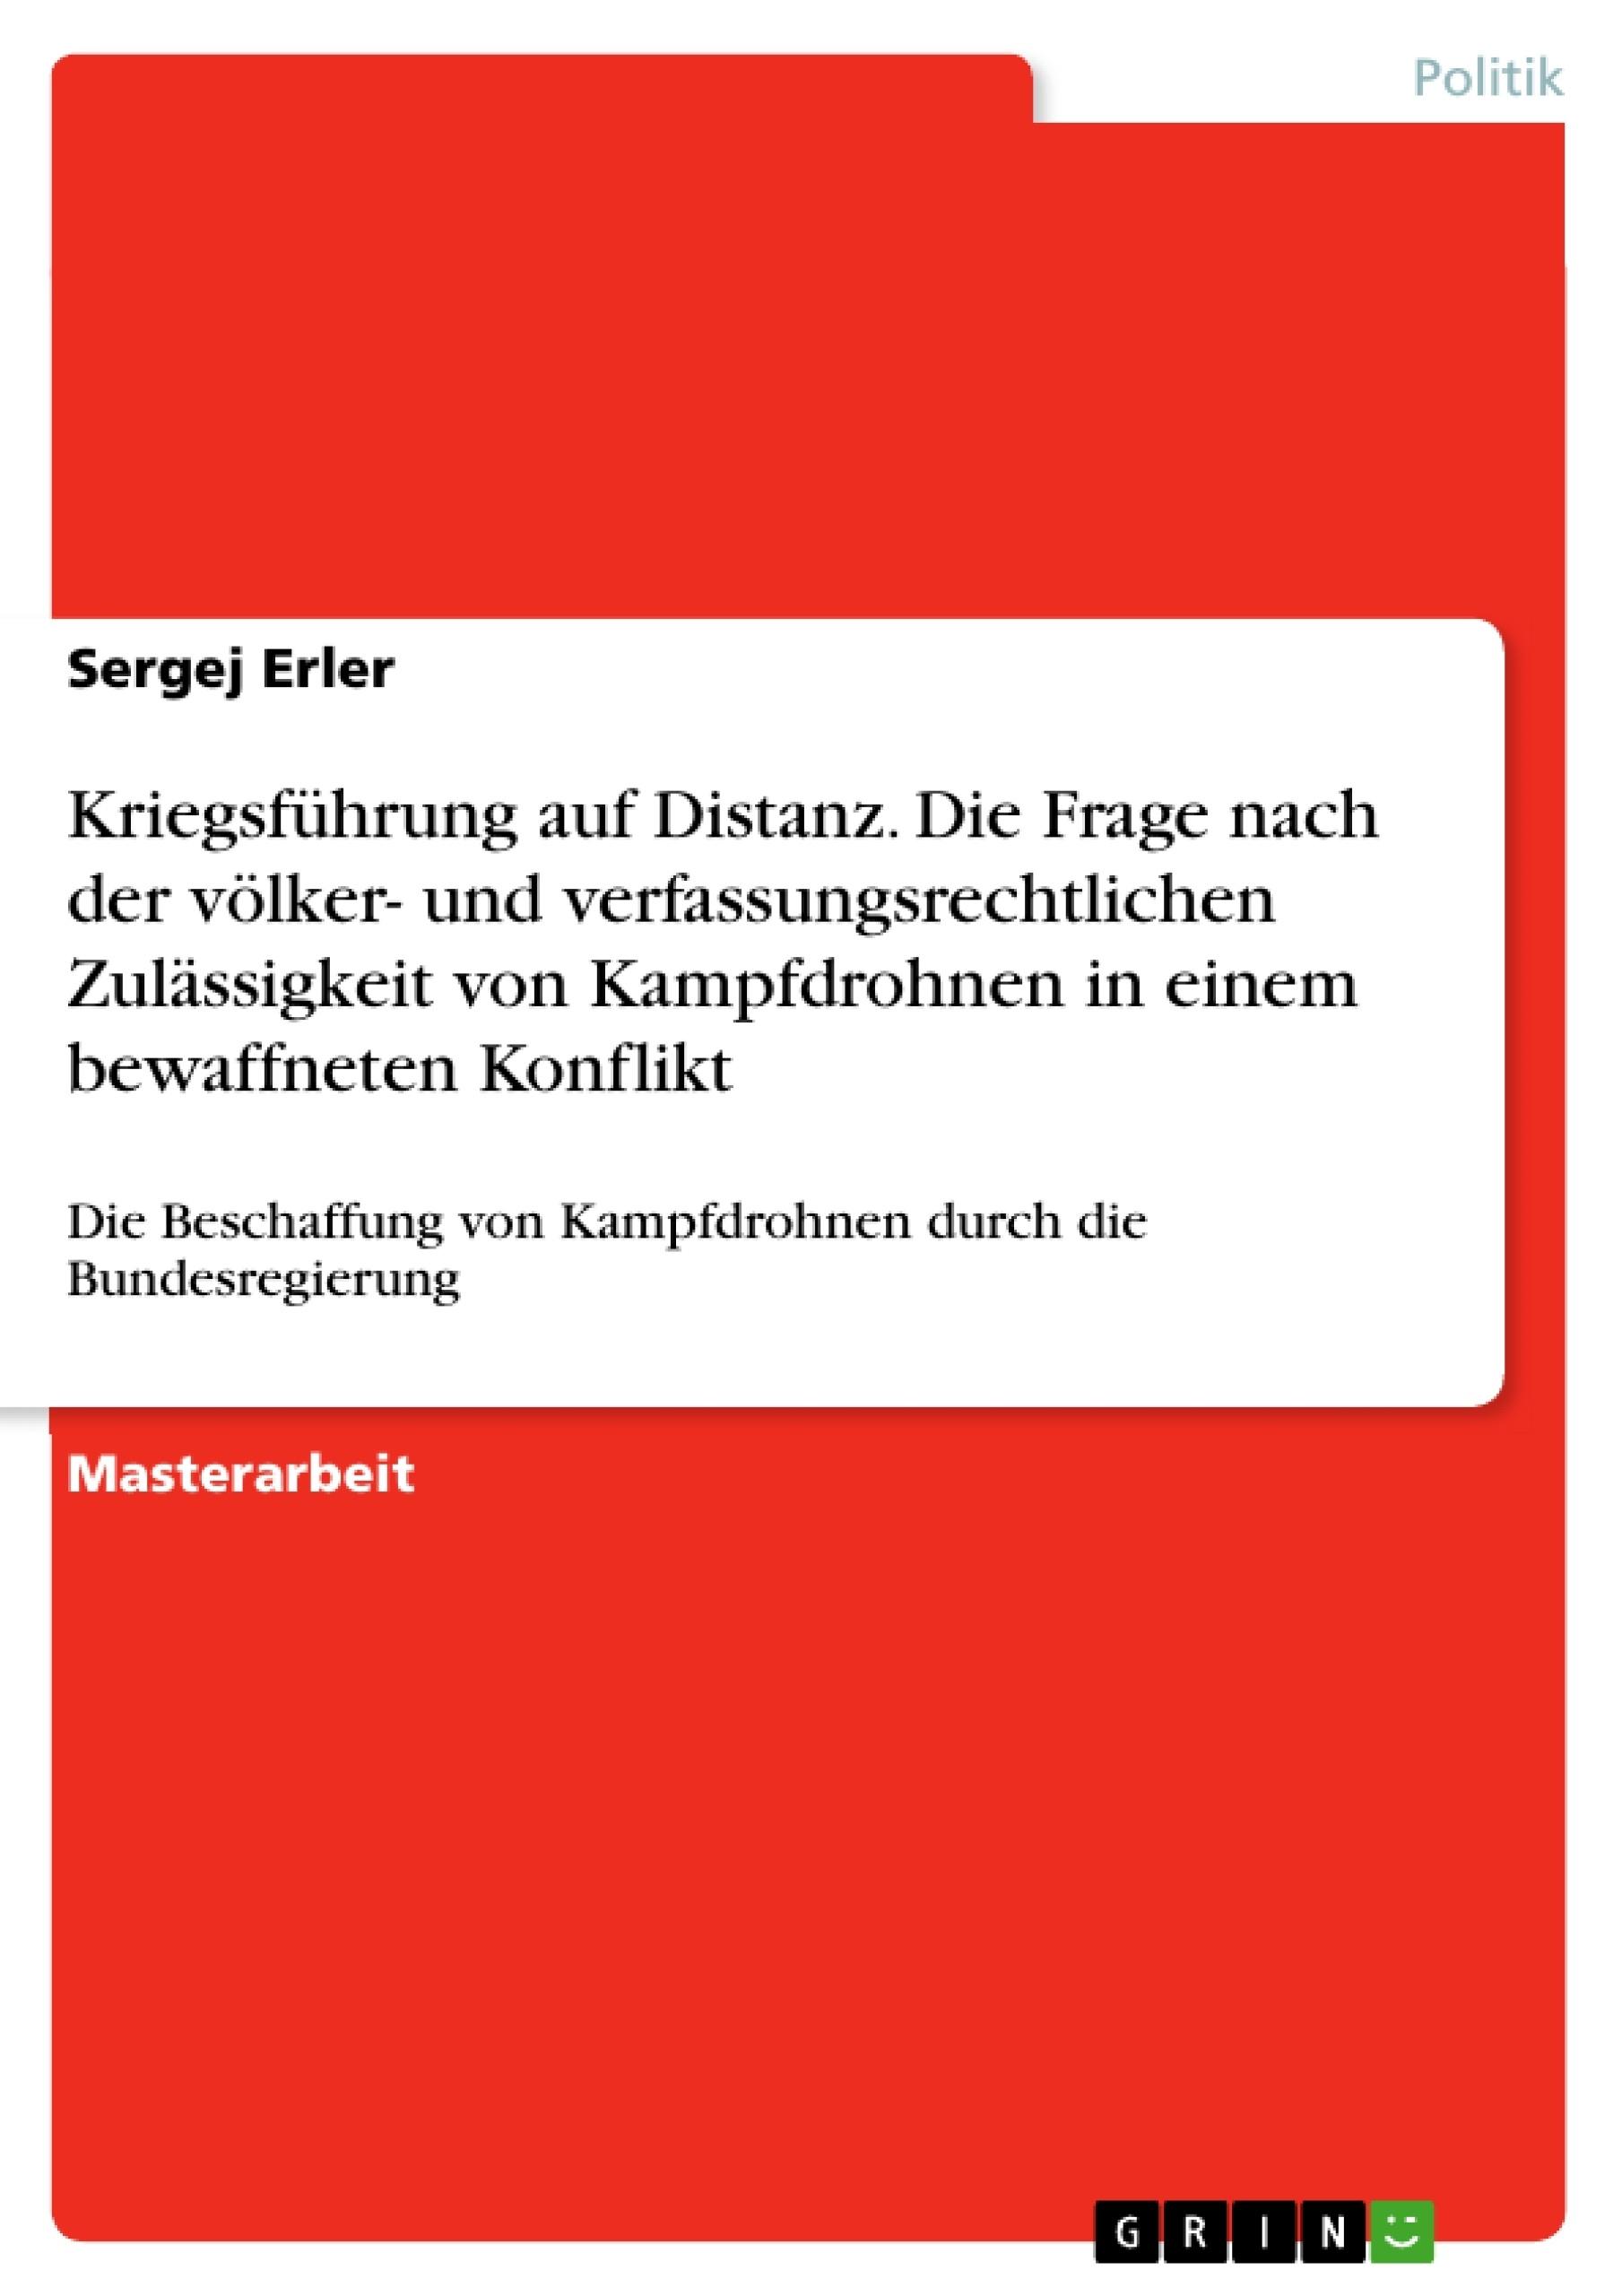 Titel: Kriegsführung auf Distanz. Die Frage nach der völker- und verfassungsrechtlichen Zulässigkeit von Kampfdrohnen in einem bewaffneten Konflikt